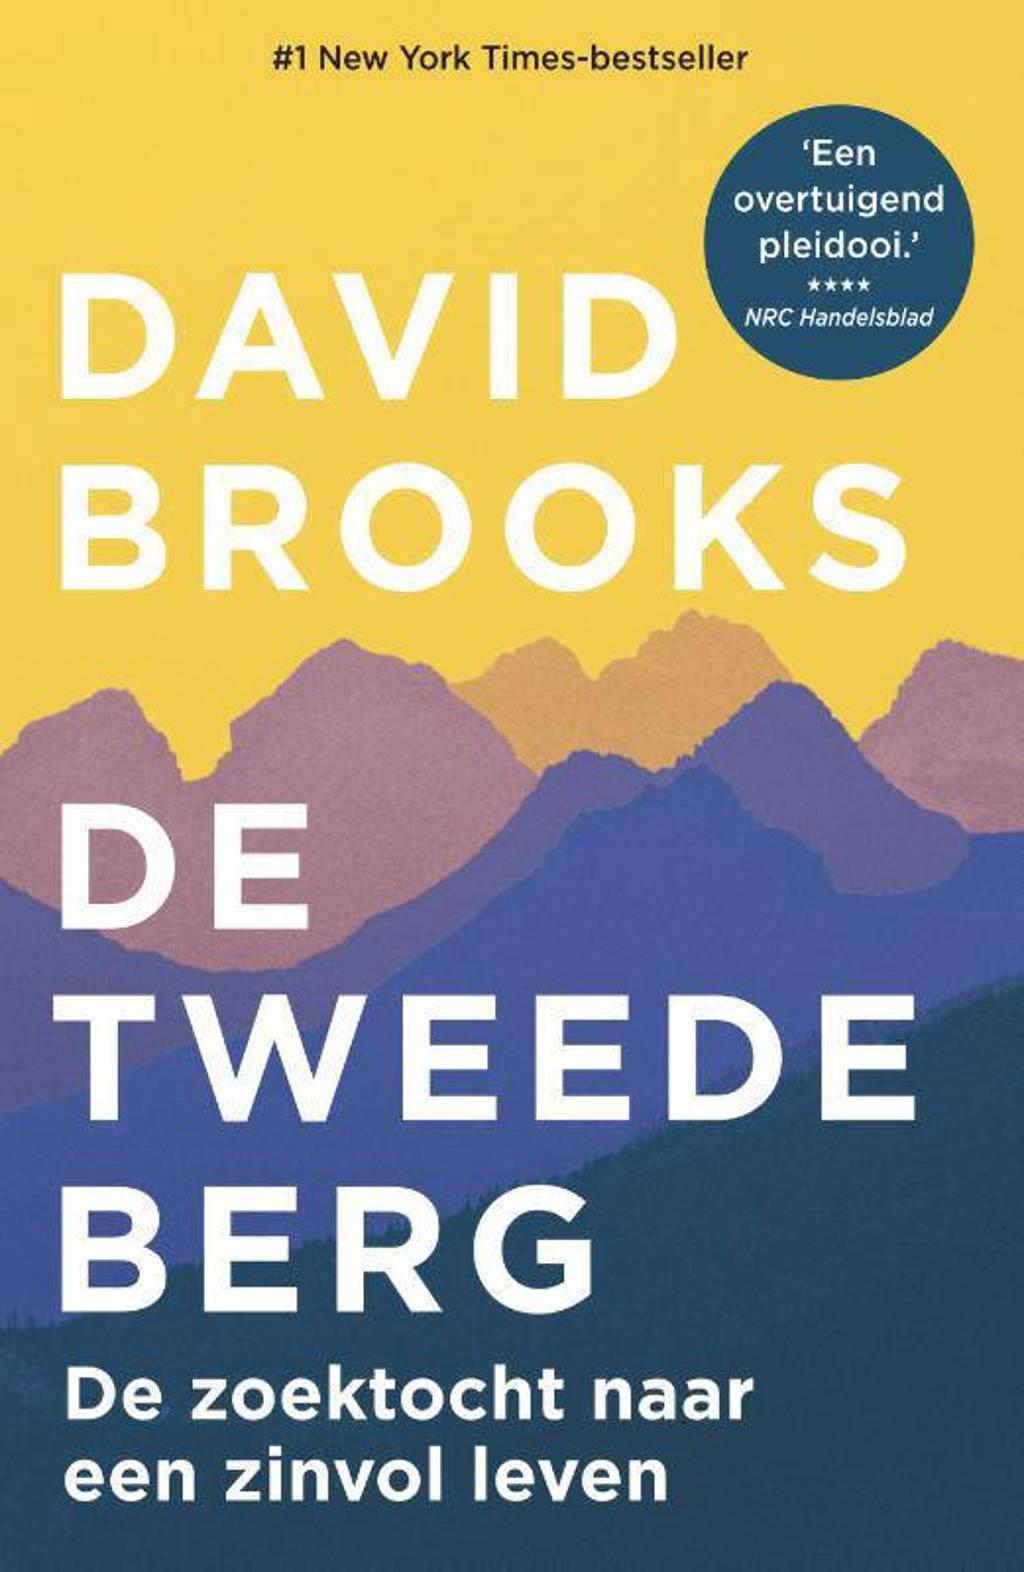 De tweede berg - David Brooks